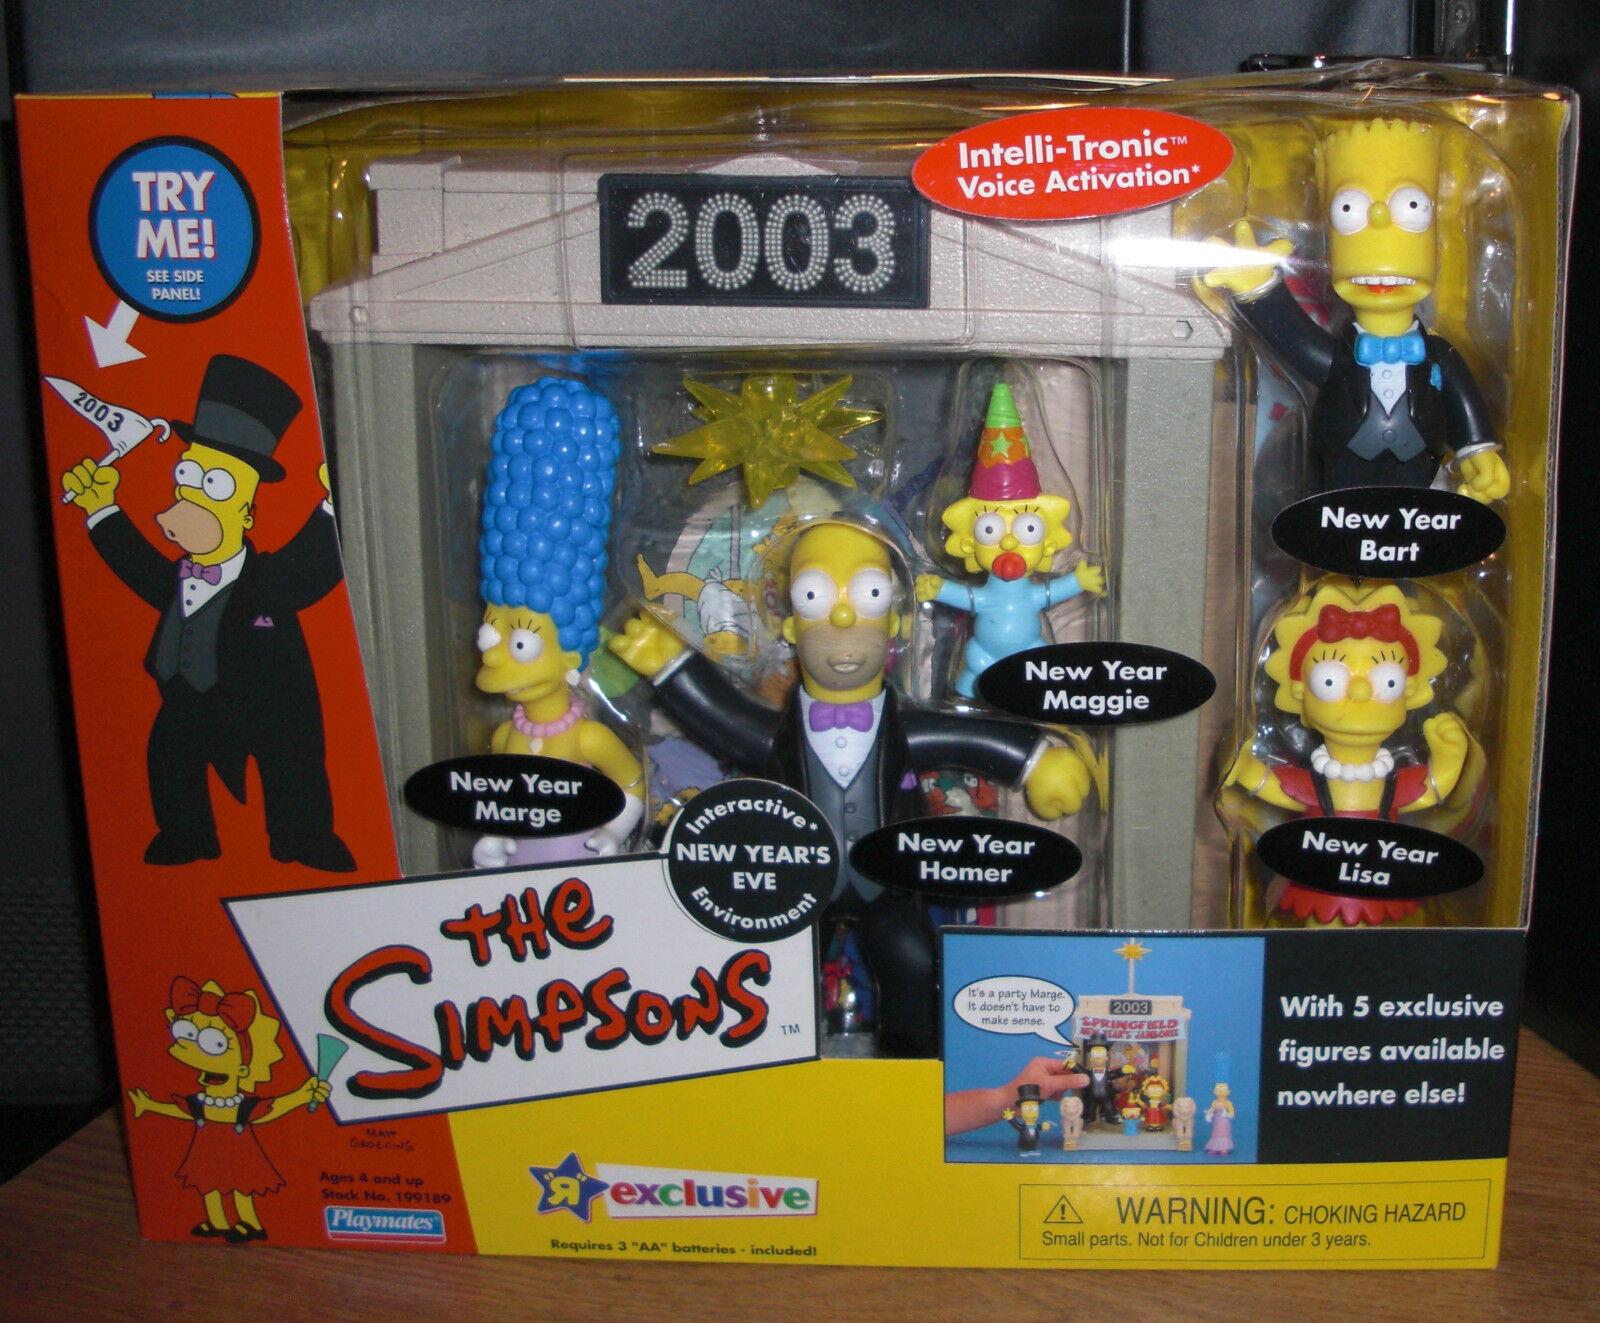 Simpsons interaktiva exklusiva nyårsafton 2003 leksaker R Us Hemr Bkonst NIB